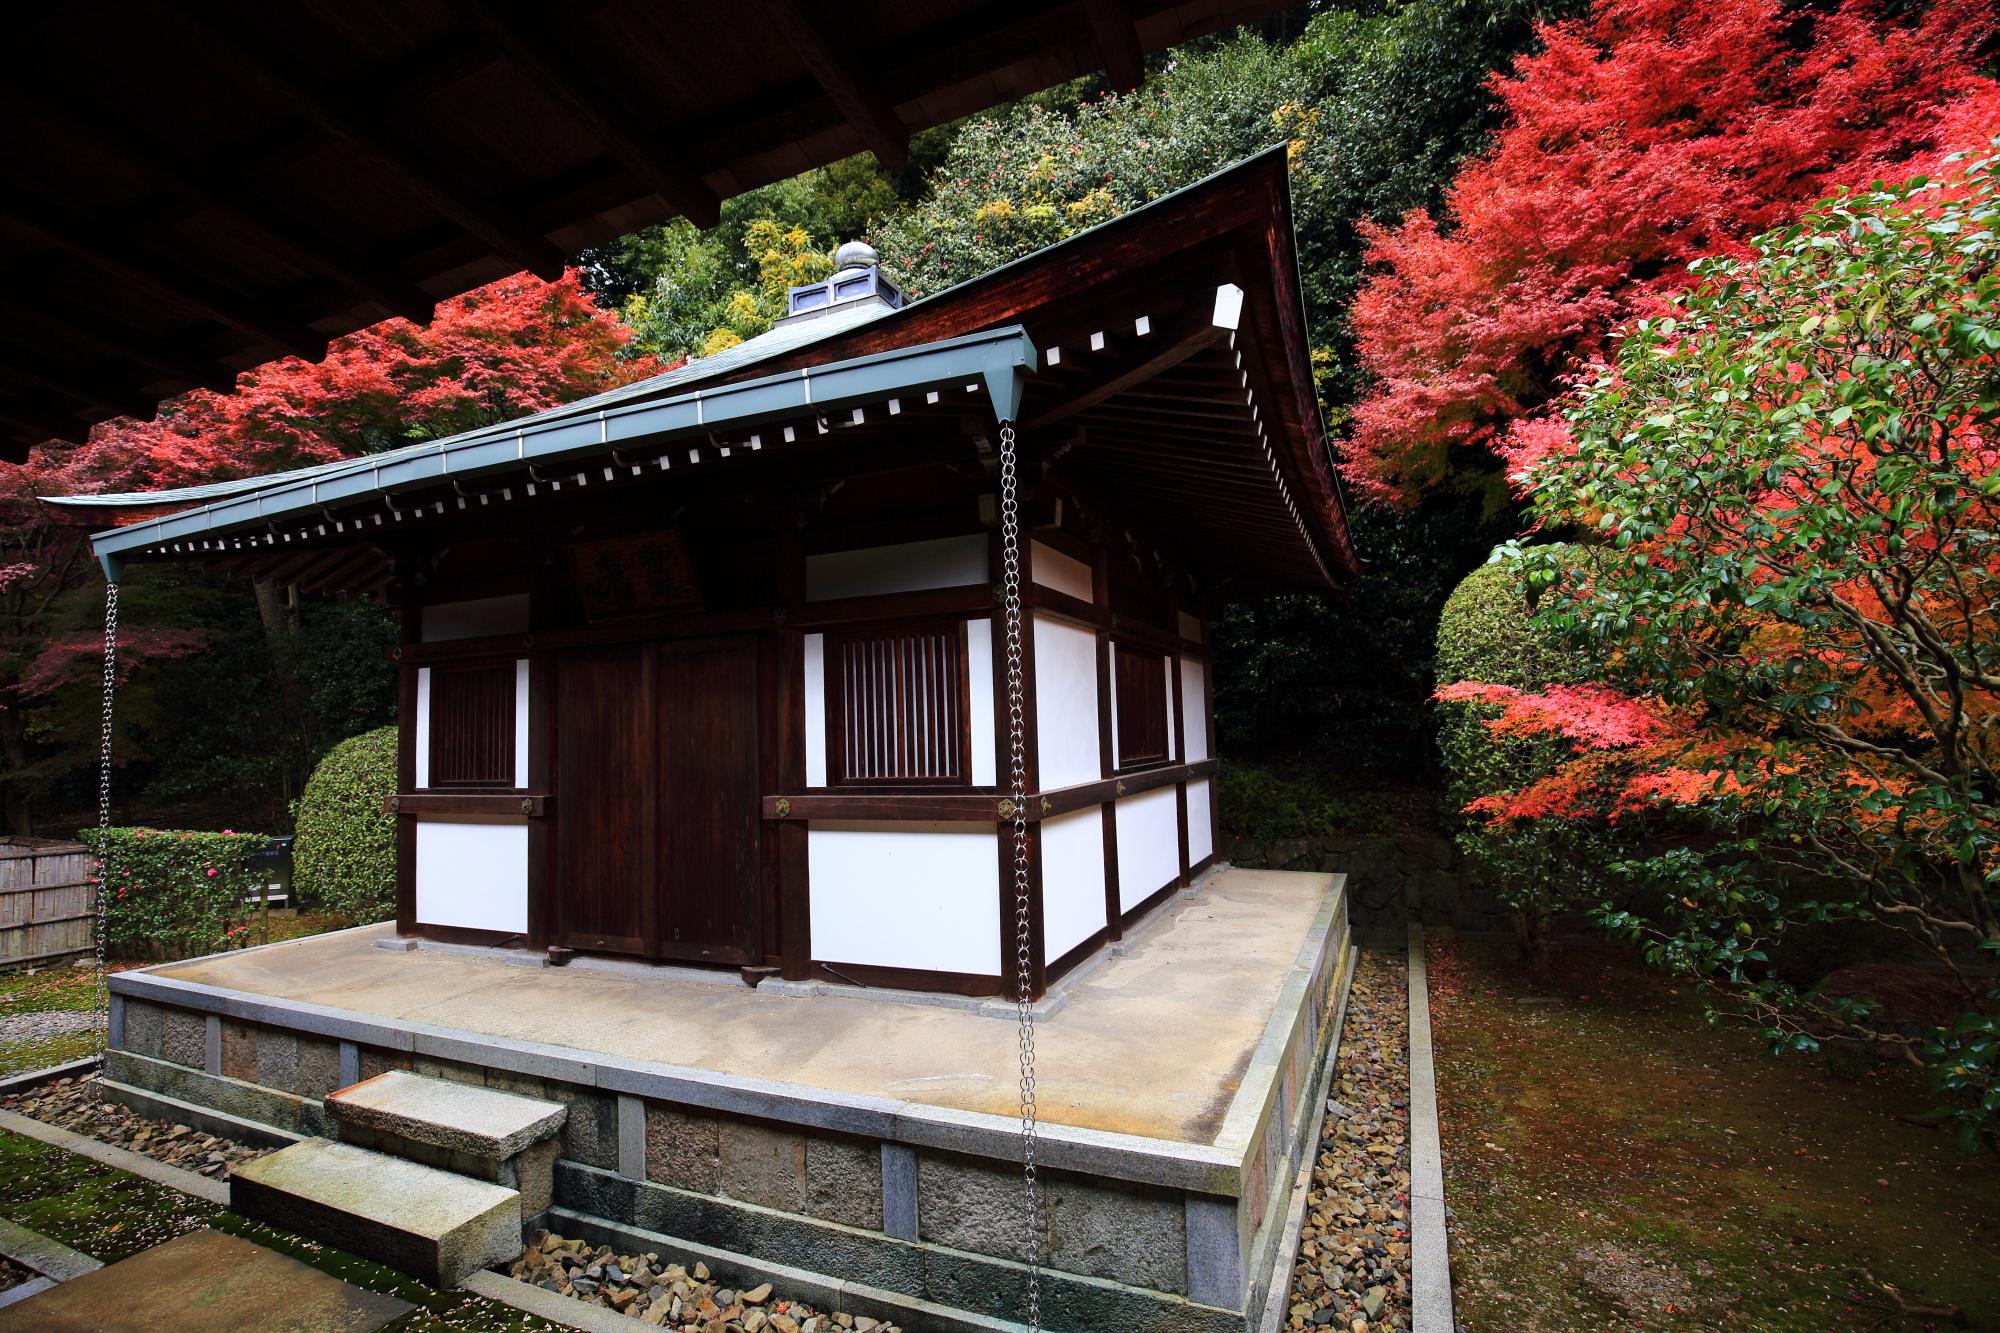 龍吟庵の開山堂と華やかな見ごろの紅葉